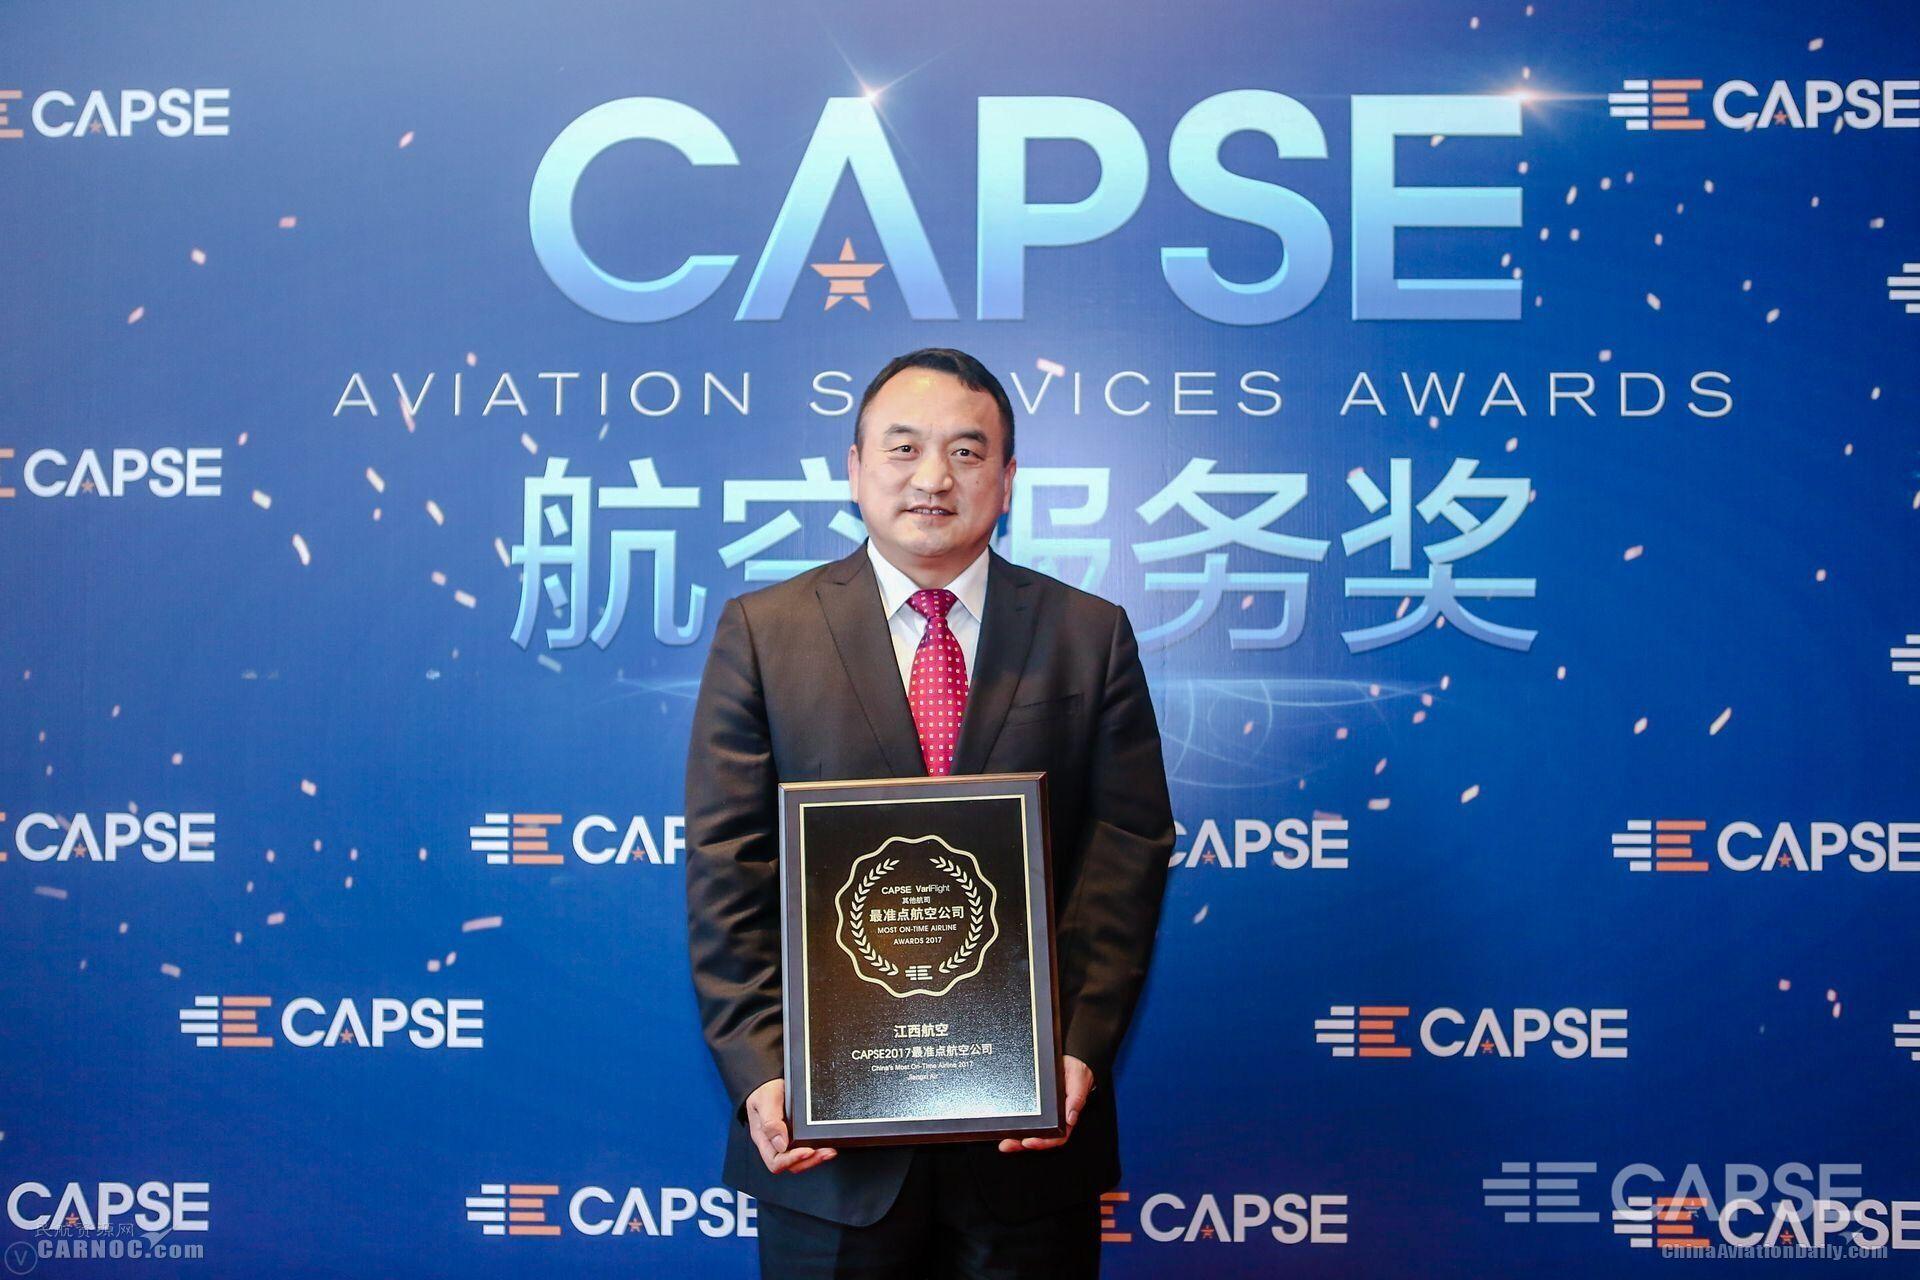 """江西航空获评""""2017最准点航空公司""""荣誉称号"""